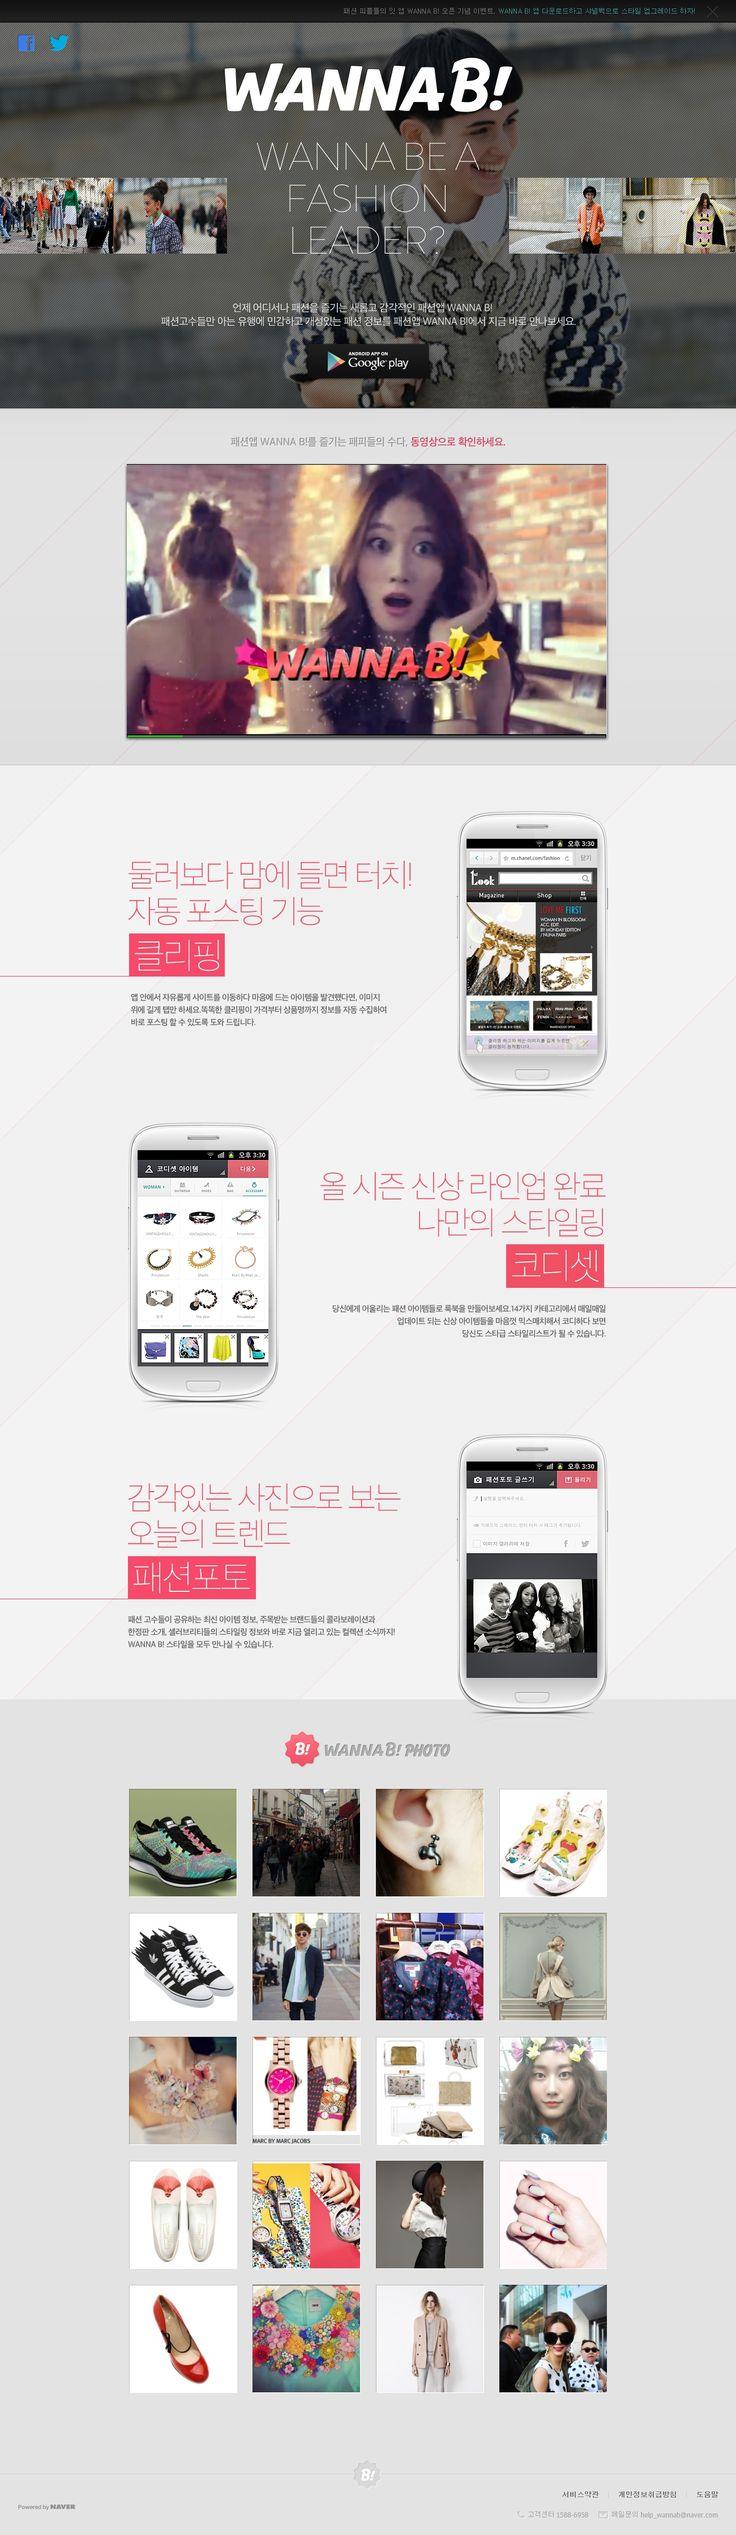 DCafeIn Website - Wanna B!